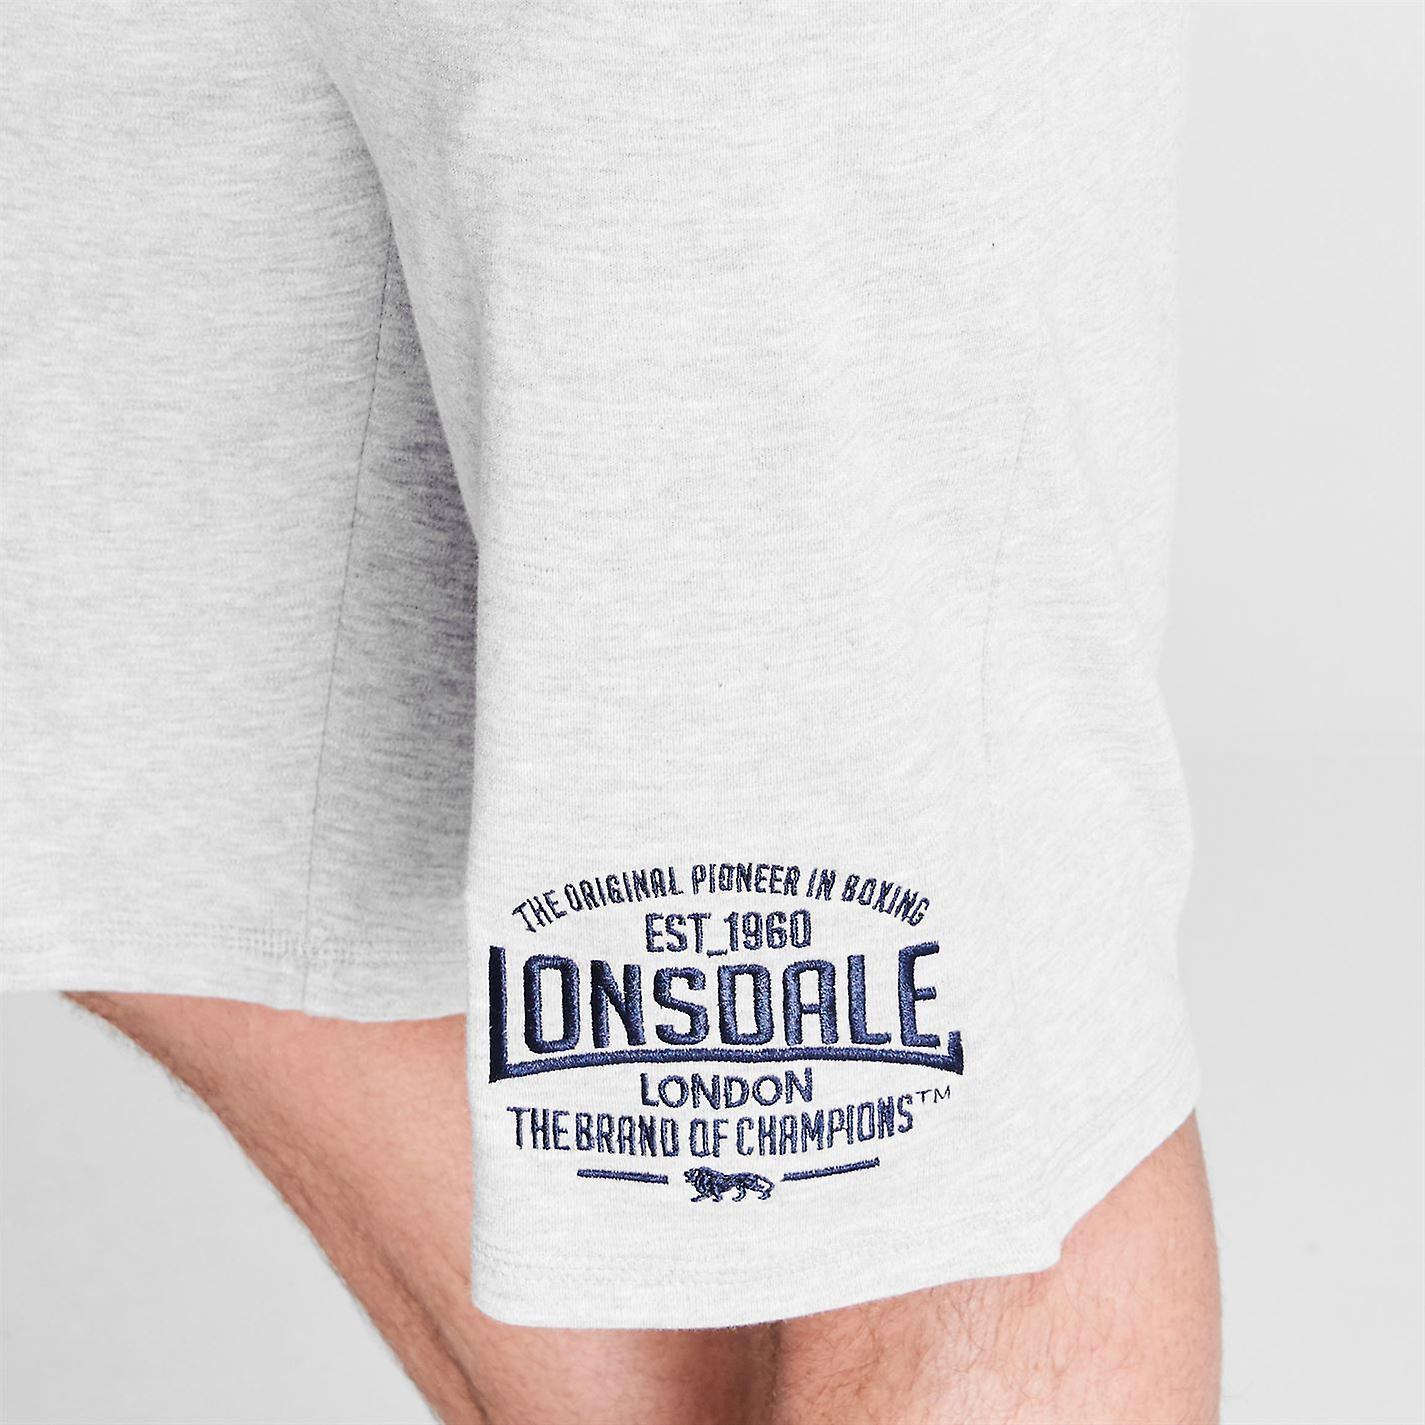 Lonsdale Bomber casella leggeri pantaloncini pantaloni pantaloni boxe Sport abbigliamento